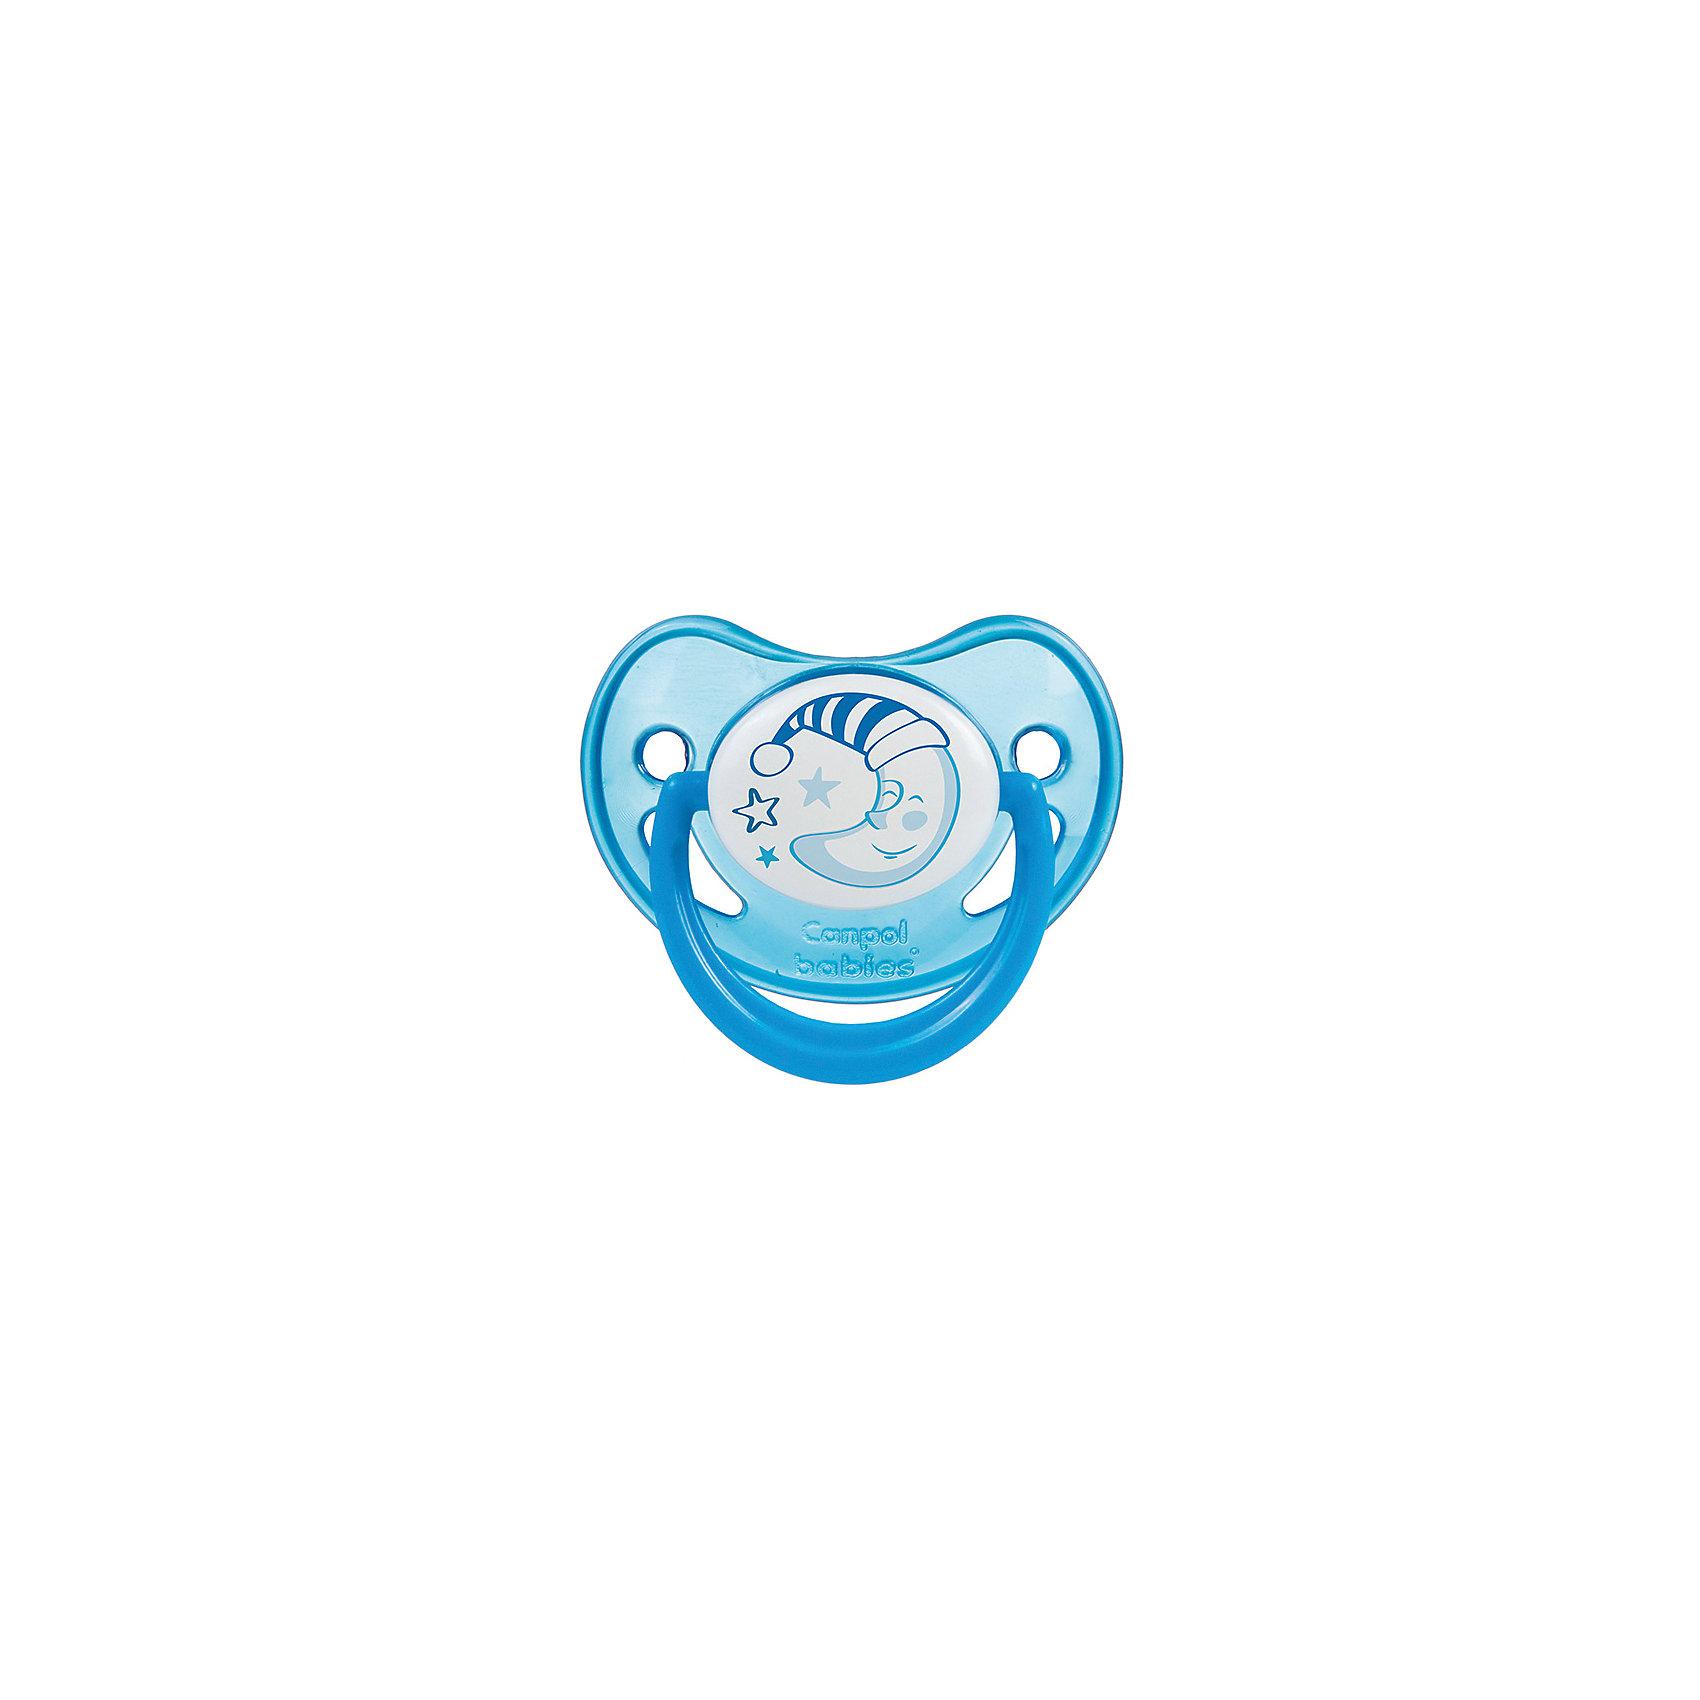 Пустышка анатомическая силиконовая, 6-18 Night Dreams, Canpol Babies, синийХарактеристики:<br><br>• Наименование: пустышка<br>• Пол: для мальчика<br>• Материал: силикон, пластик<br>• Цвет: синий, белый<br>• Форма: анатомическая<br>• Наличие отверстий для вентиляции<br>• Наличие кольца для держателя<br>• Особенности ухода: регулярная стерилизация и своевременная замена<br><br>Пустышка анатомическая силиконовая, 6-18 Night Dreams, Canpol Babies, синий имеет специальную форму, которая обеспечивает правильное давление на небо. Изготовлена из запатентованного вида силикона, который не имеет запаха. При правильном уходе обеспечивает длительное использование. У соски имеется классический ограничитель с отверстиями для вентиляции и кольцо для держателя, которое светится в темноте. Пустышка анатомическая силиконовая, 6-18 Night Dreams, Canpol Babies, синий выполнена в ярком дизайне с изображением звезд и месяца.<br><br>Пустышку анатомическую силиконовую, 6-18 Night Dreams, Canpol Babies, синюю можно купить в нашем интернет-магазине.<br><br>Ширина мм: 95<br>Глубина мм: 45<br>Высота мм: 155<br>Вес г: 110<br>Возраст от месяцев: 6<br>Возраст до месяцев: 18<br>Пол: Мужской<br>Возраст: Детский<br>SKU: 5156625